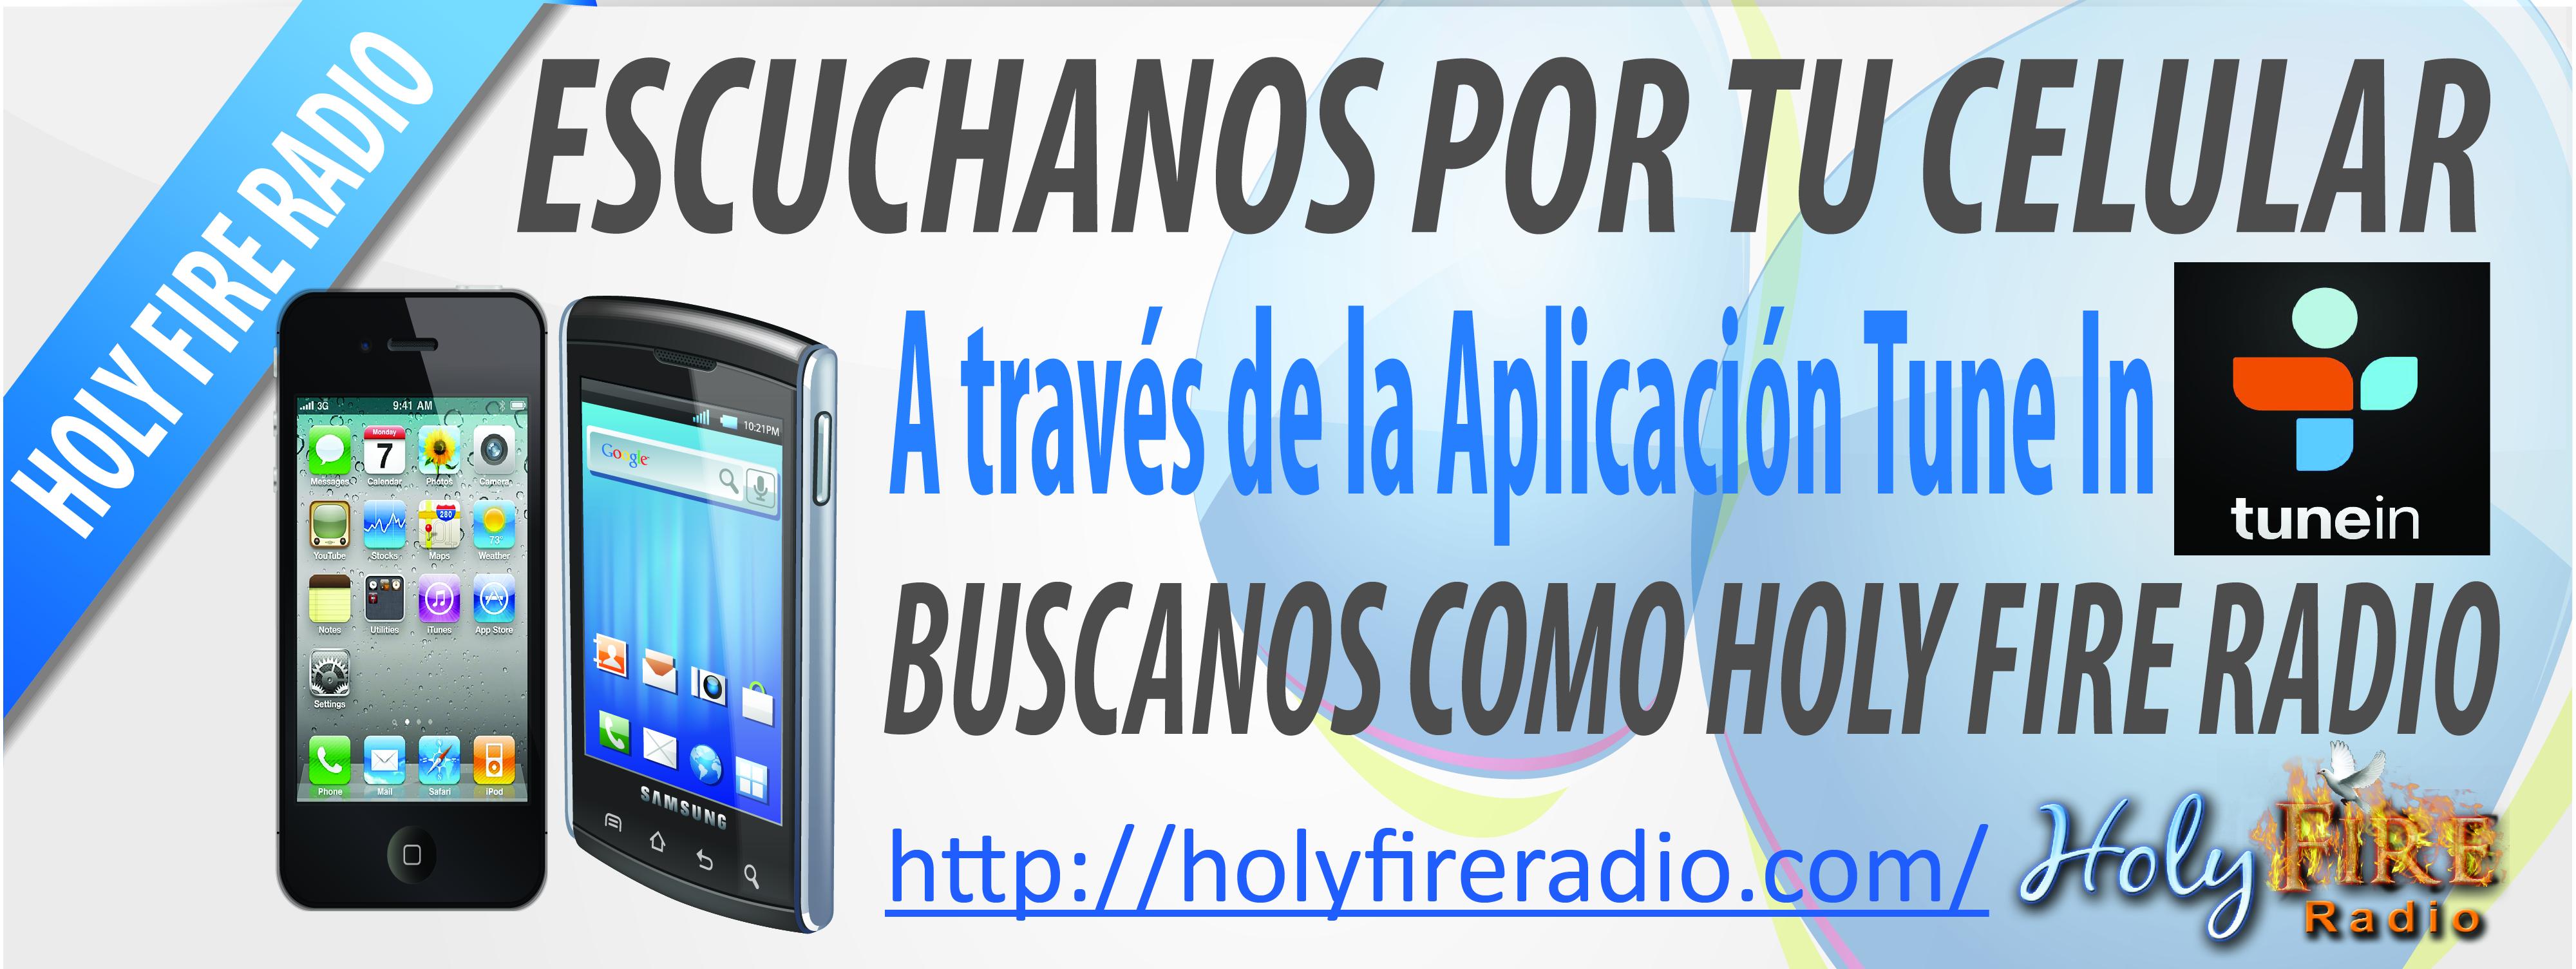 Holy-Fire-Escuchanos-por-Celular-arreglada-con-Logo-de-Holy-Fire-01